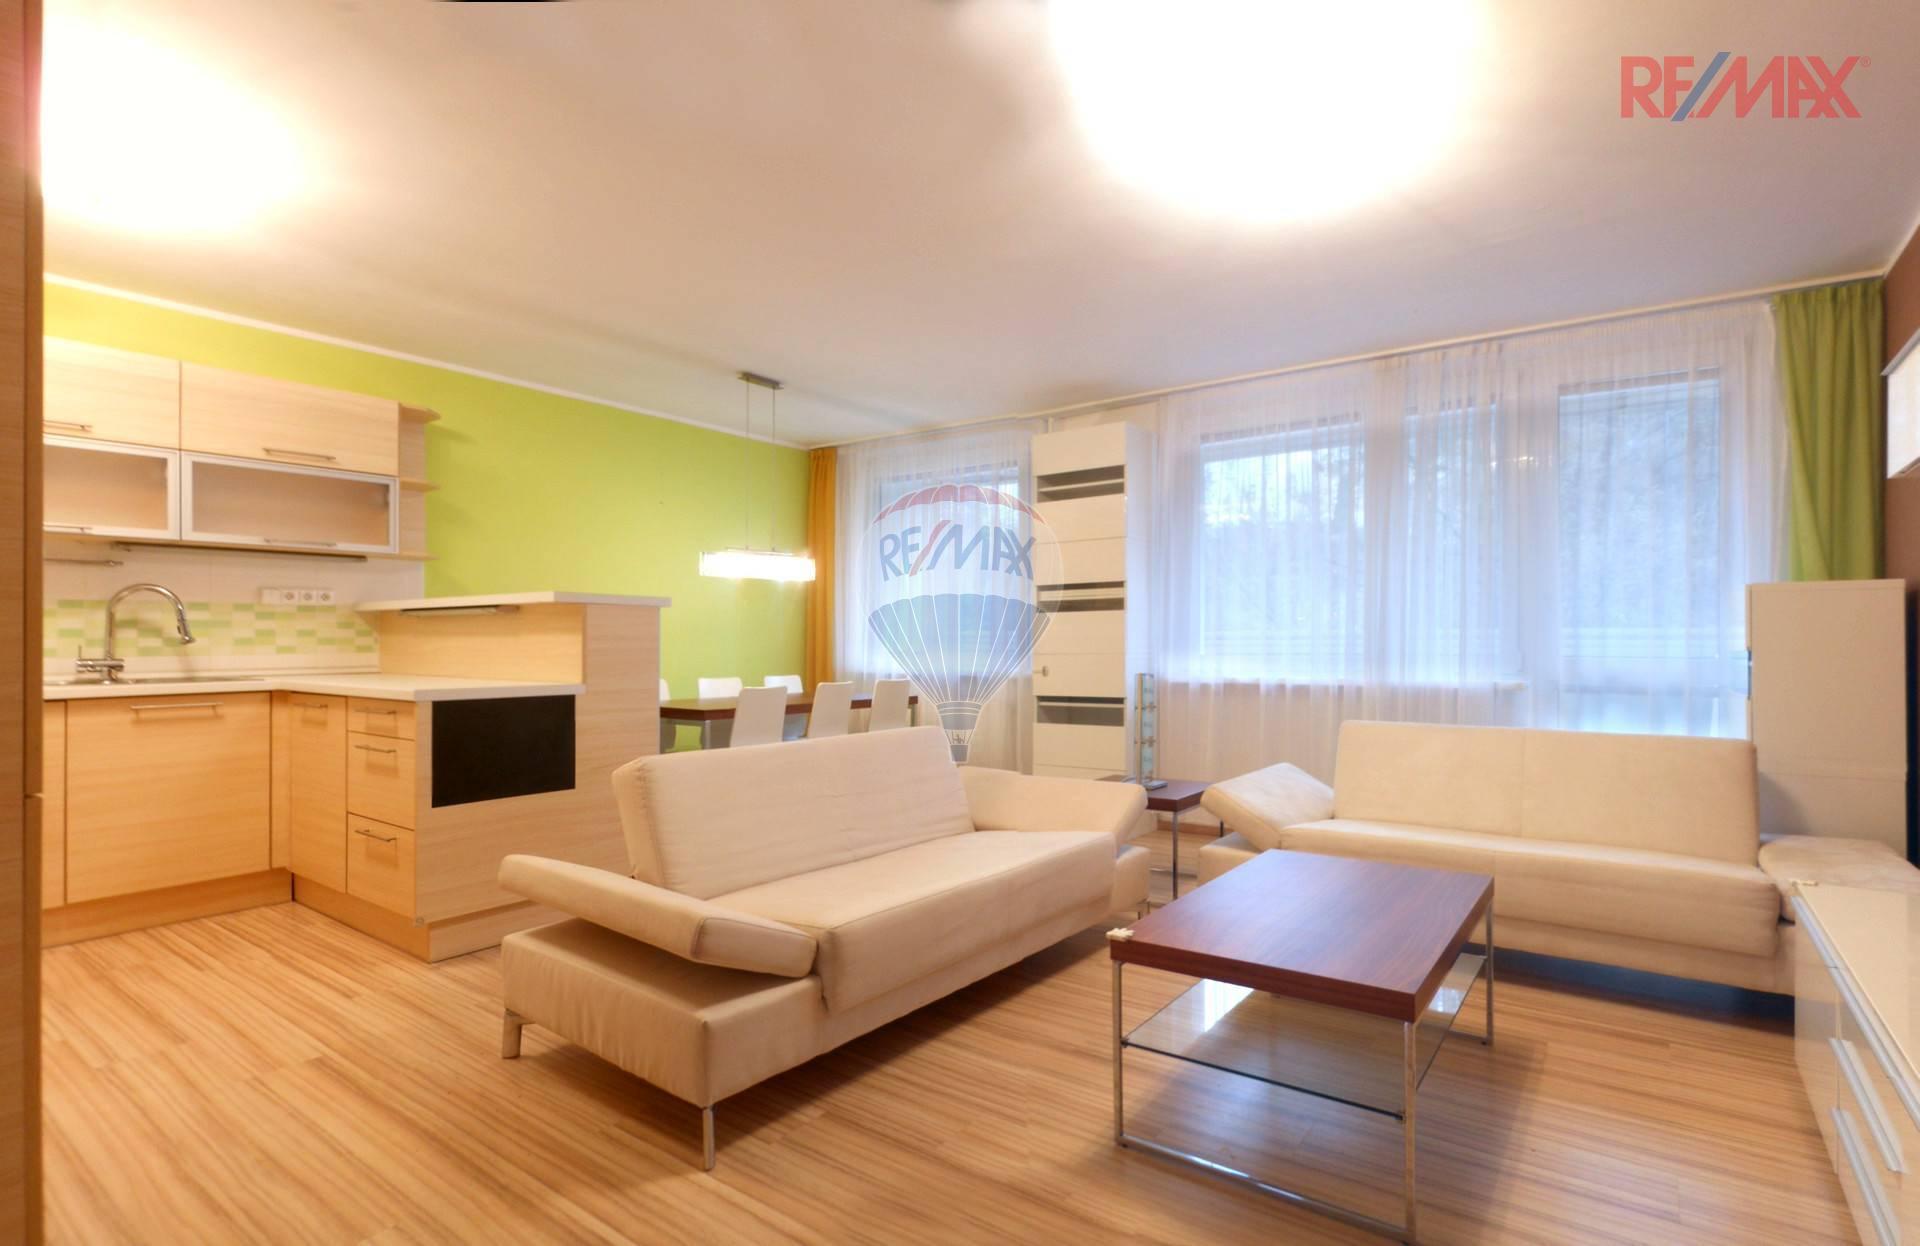 Pronájem bytu 4+kk se zasklenou lodžií a dvěma toaletami a sklepem, Ohradní - Michle